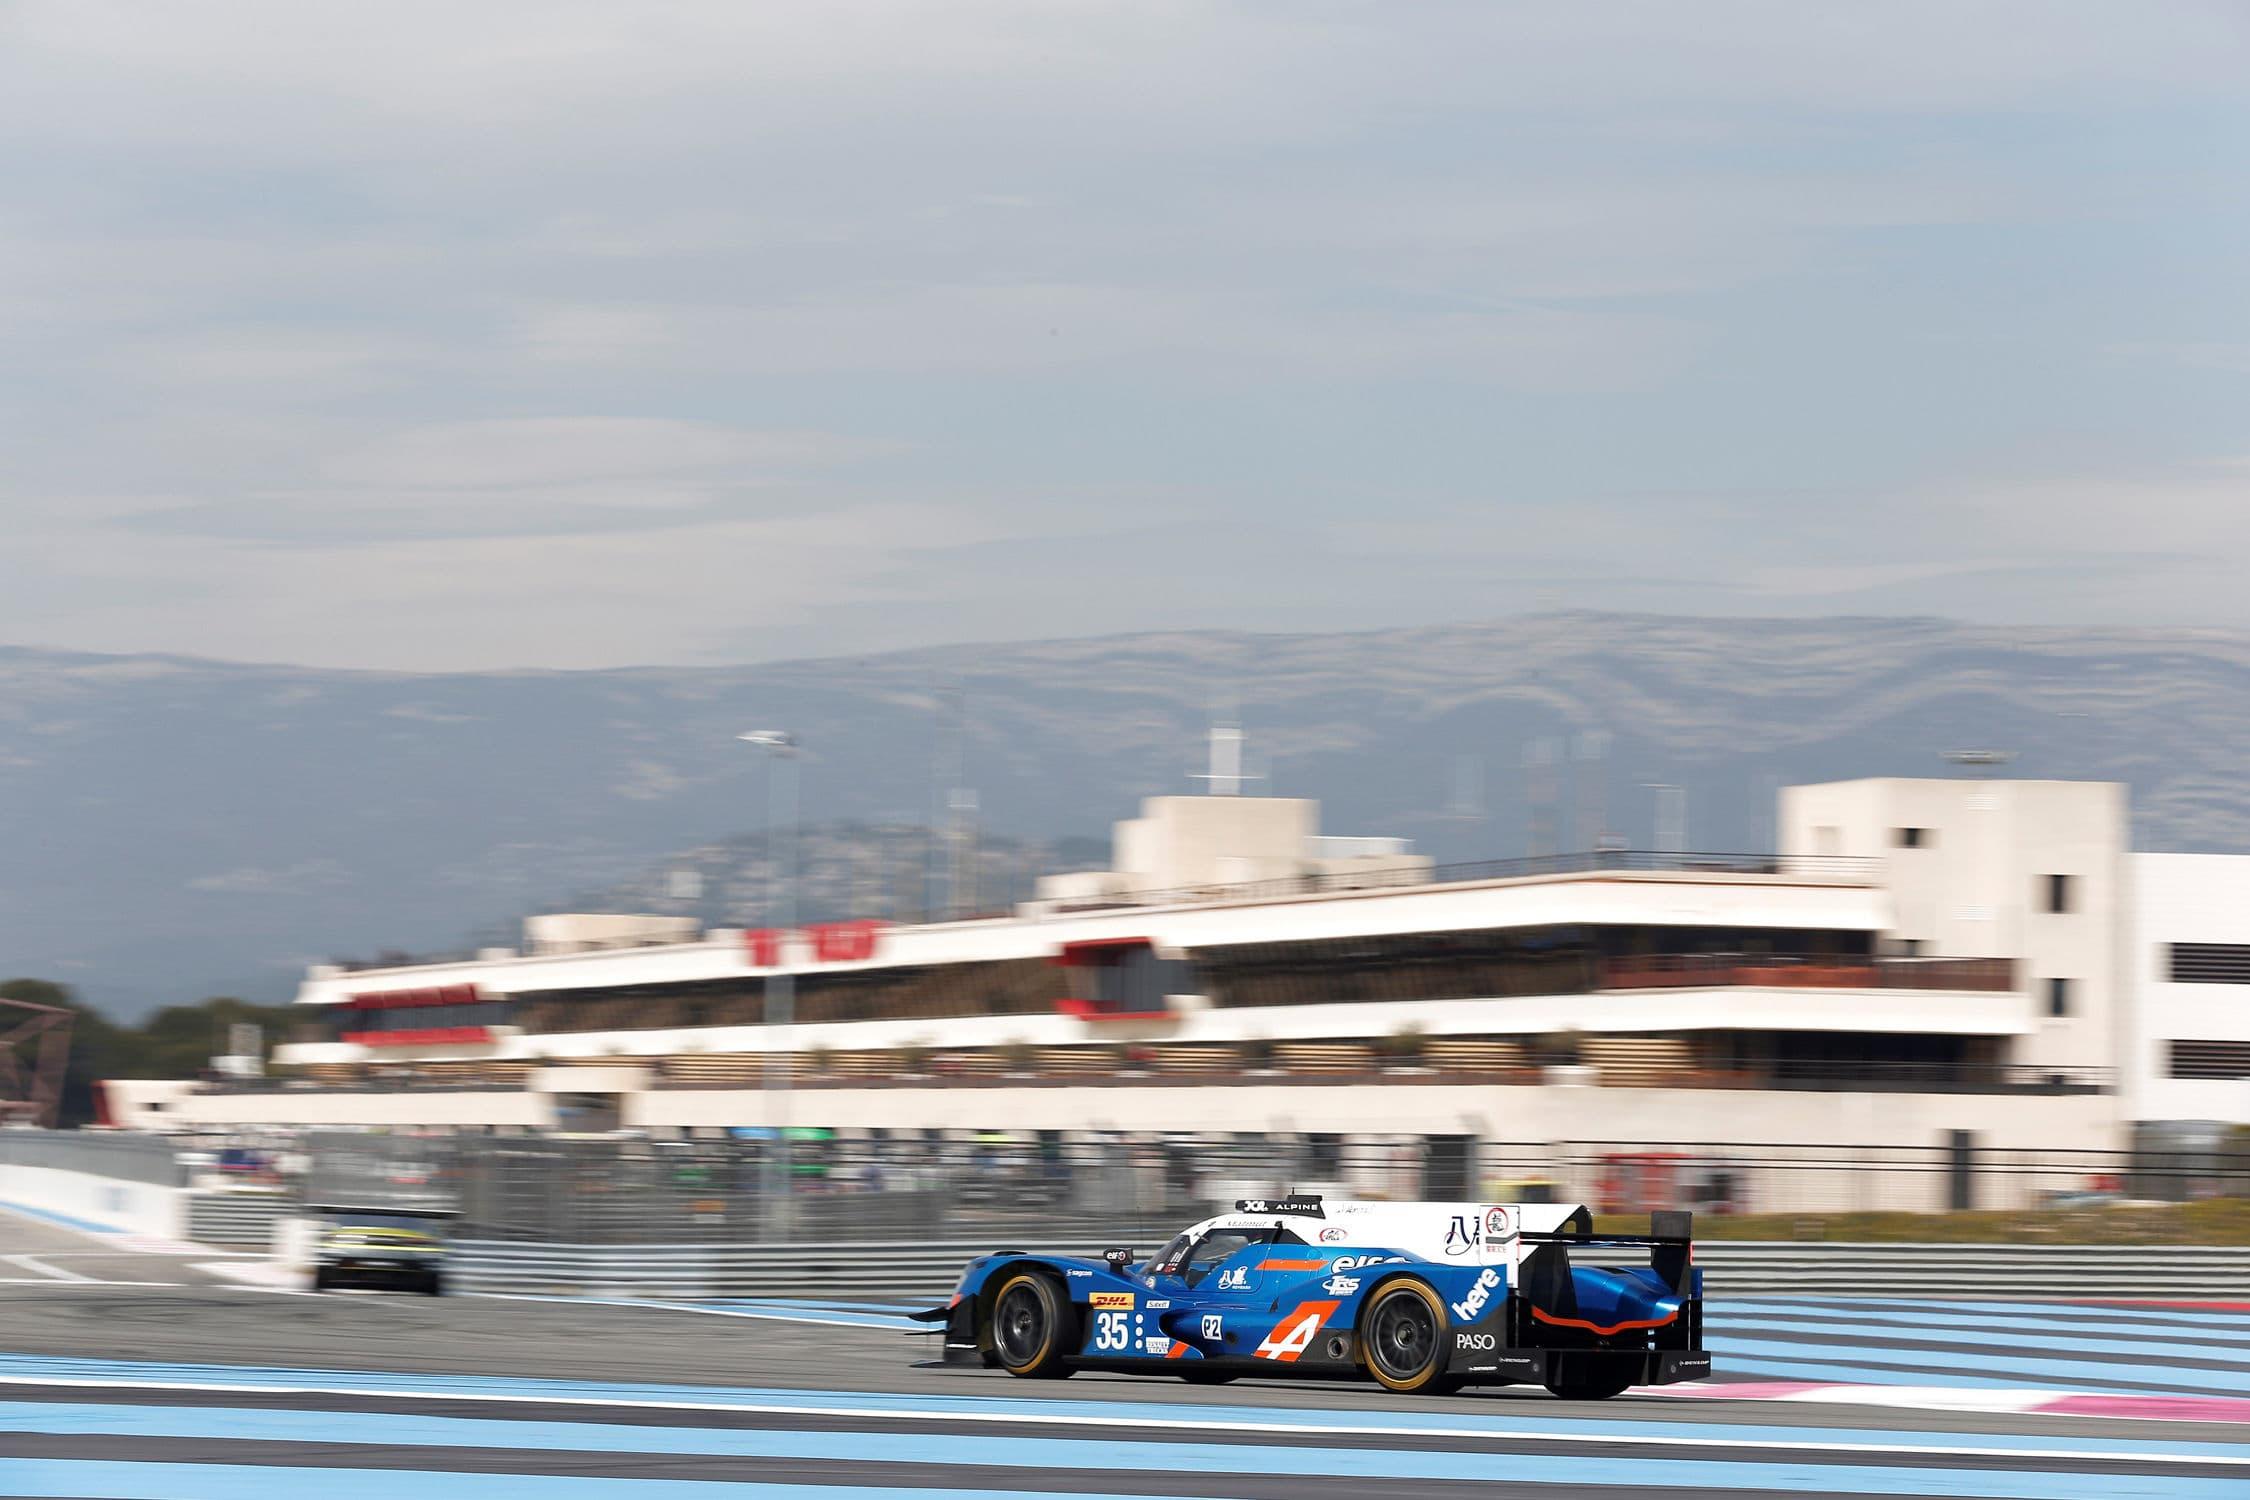 Reportage sur les coulisses du Circuit Paul Ricard | France 3 Chroniques Méditerranéennes